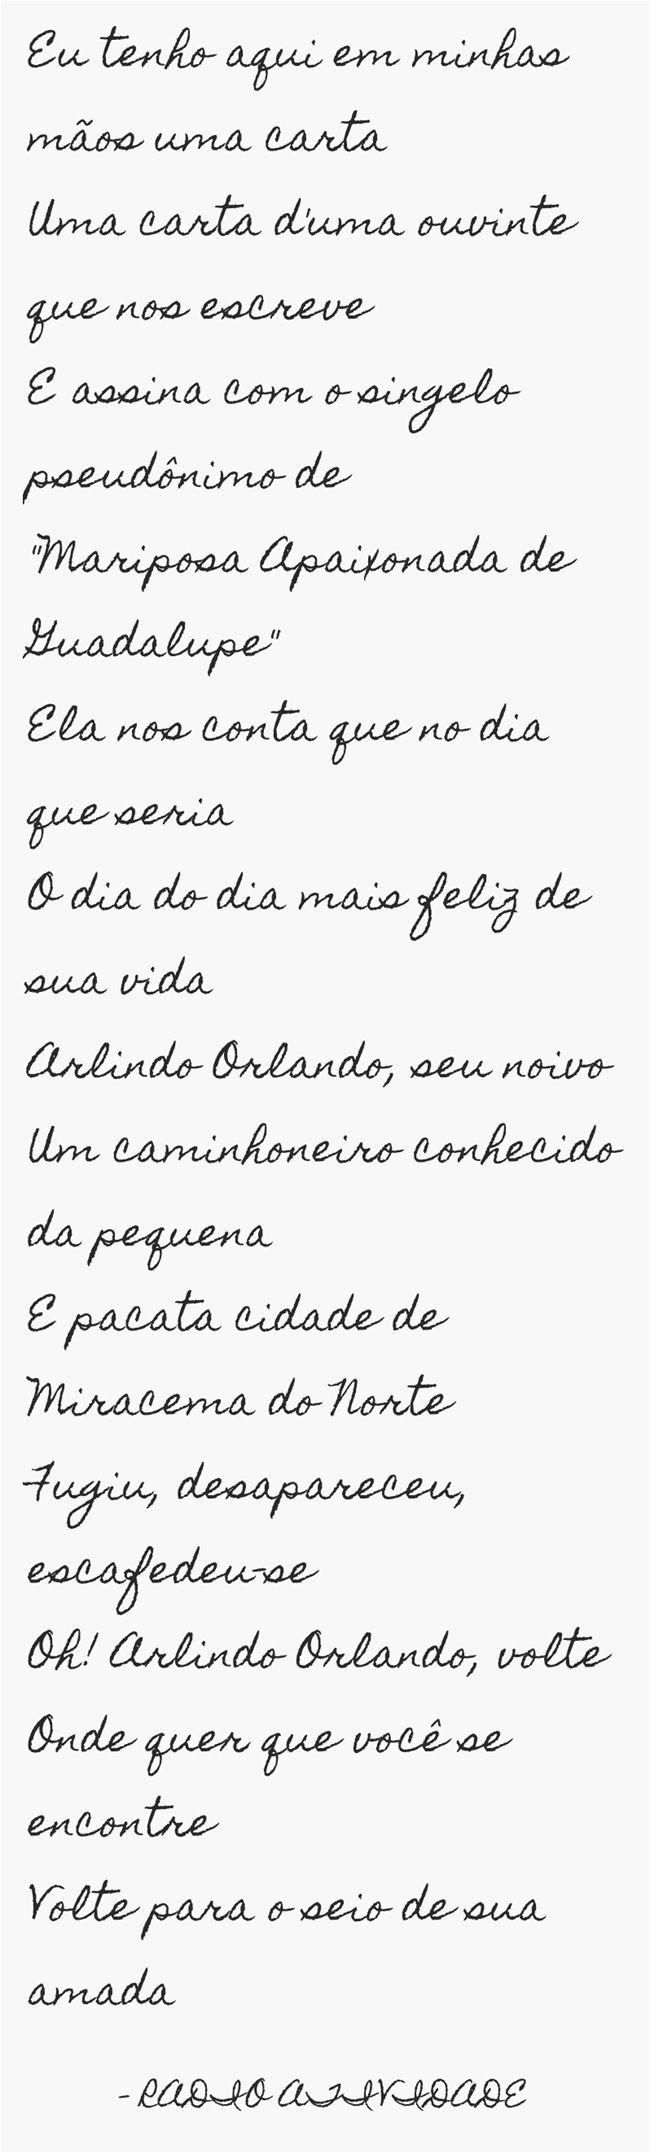 Eu tenho aqui em minhas mãos uma carta Uma carta d'uma ouvinte que nos escreve E assina com o singelo pseudônimo de Mariposa Apaixonada de Guadalupe Ela nos conta que no dia que seria O dia do dia mais feliz de sua vida Arlindo Orlando, seu noivo Um caminhoneiro conhecido da pequena E pacata cidade de Miracema do Norte Fugiu, desapareceu, escafedeu-se Oh! Arlindo Orlando, volte Onde quer que você se encontre Volte para o seio de sua amada